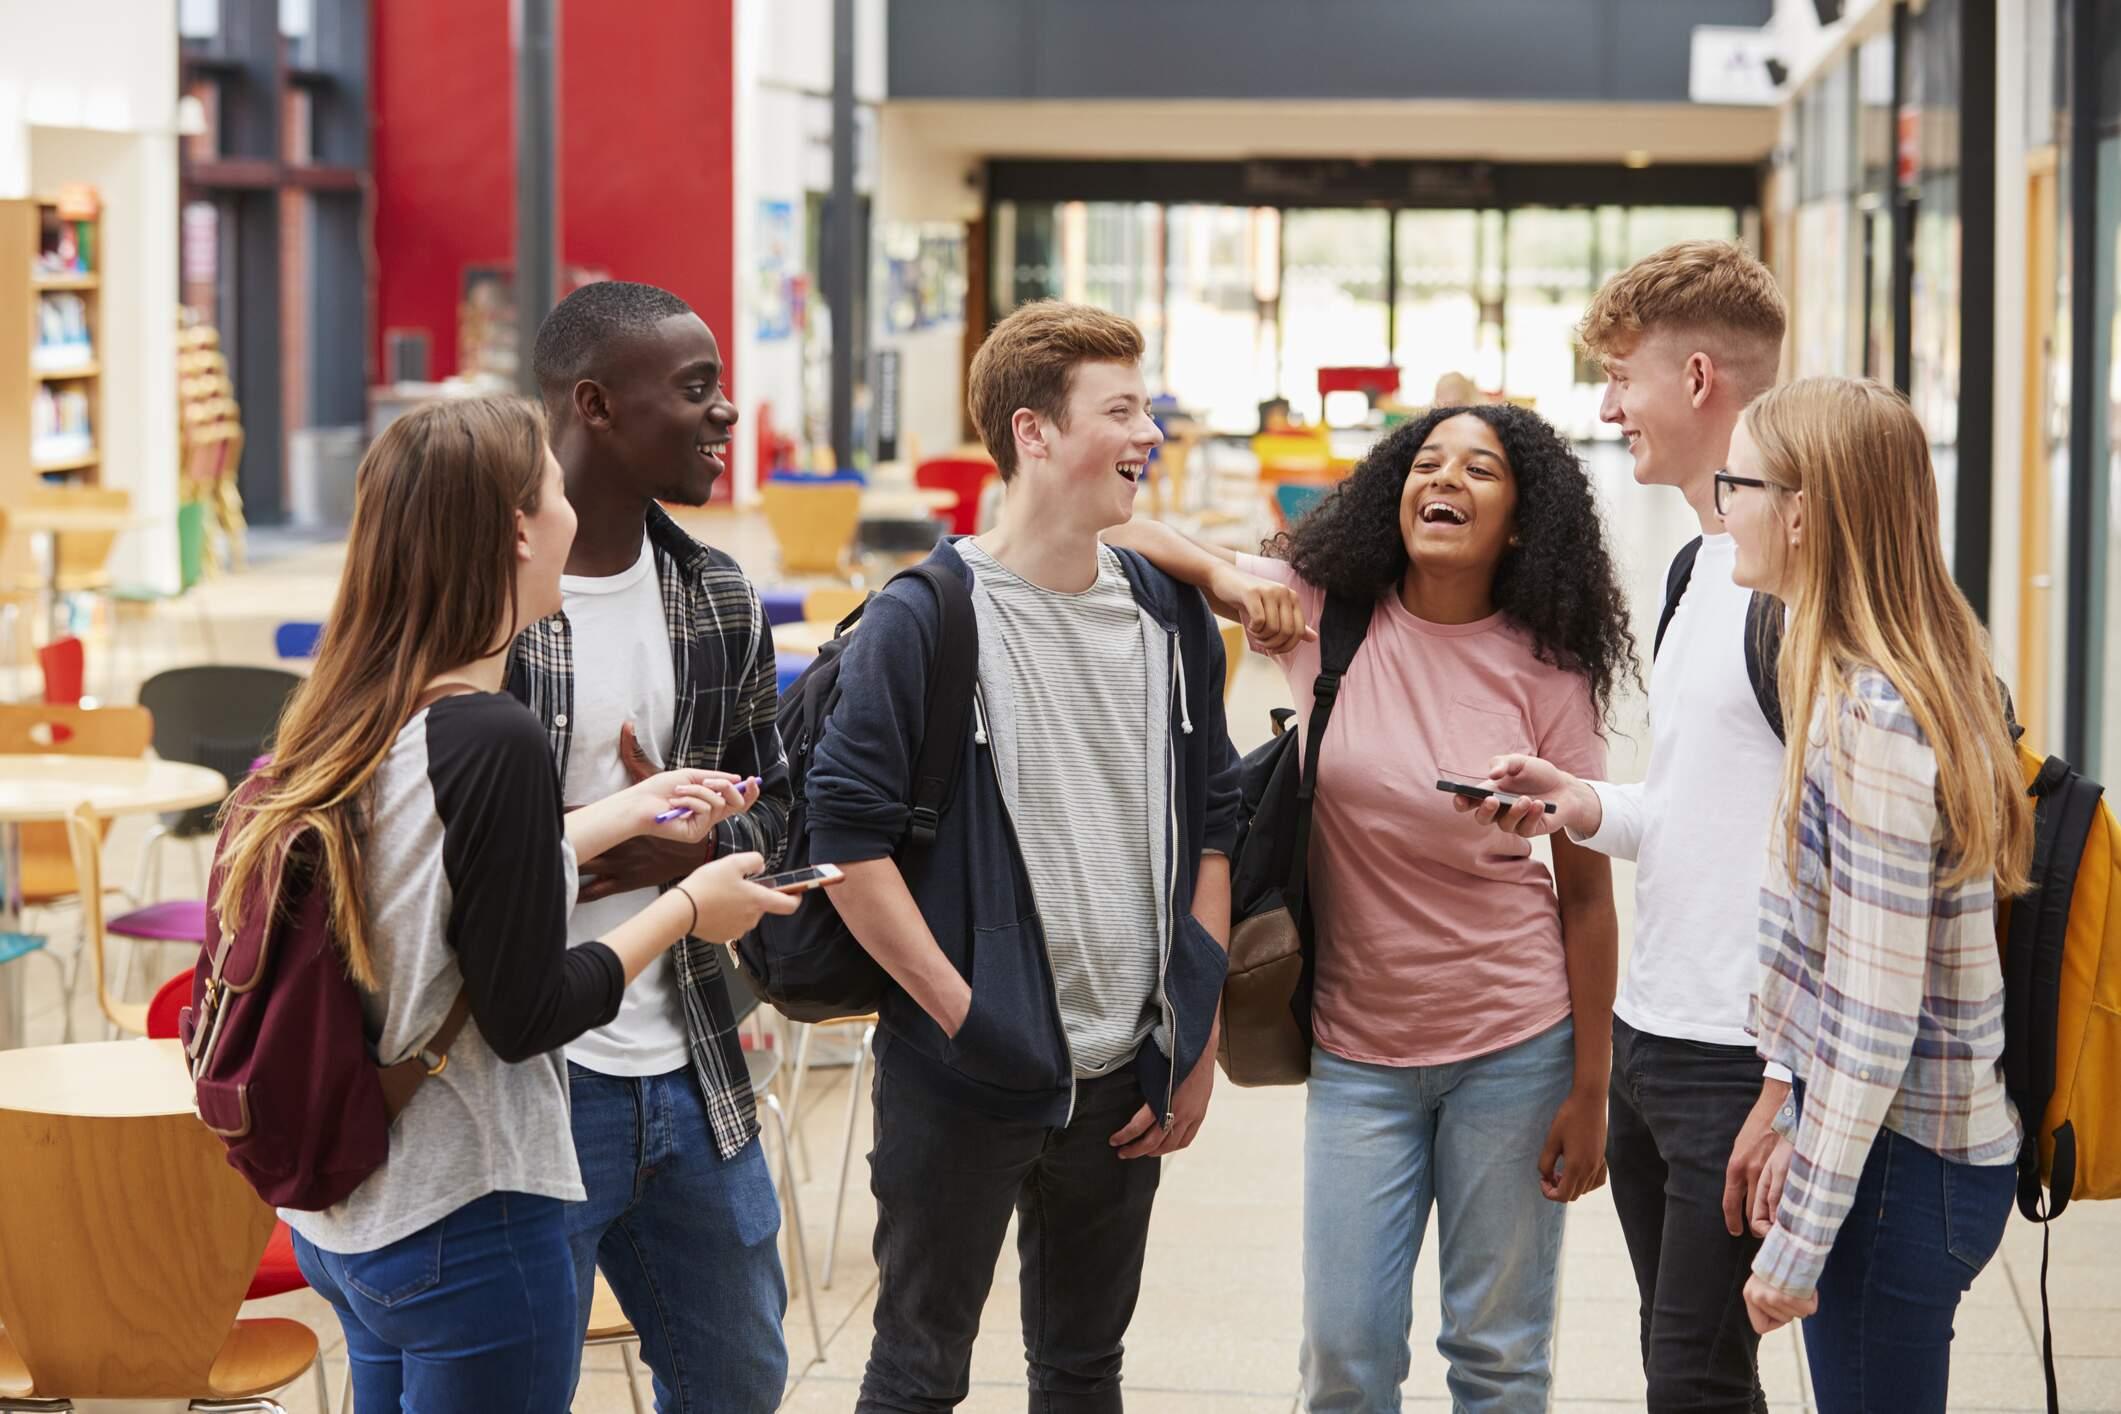 quais são os principais perigos a saúde mental dos jovens